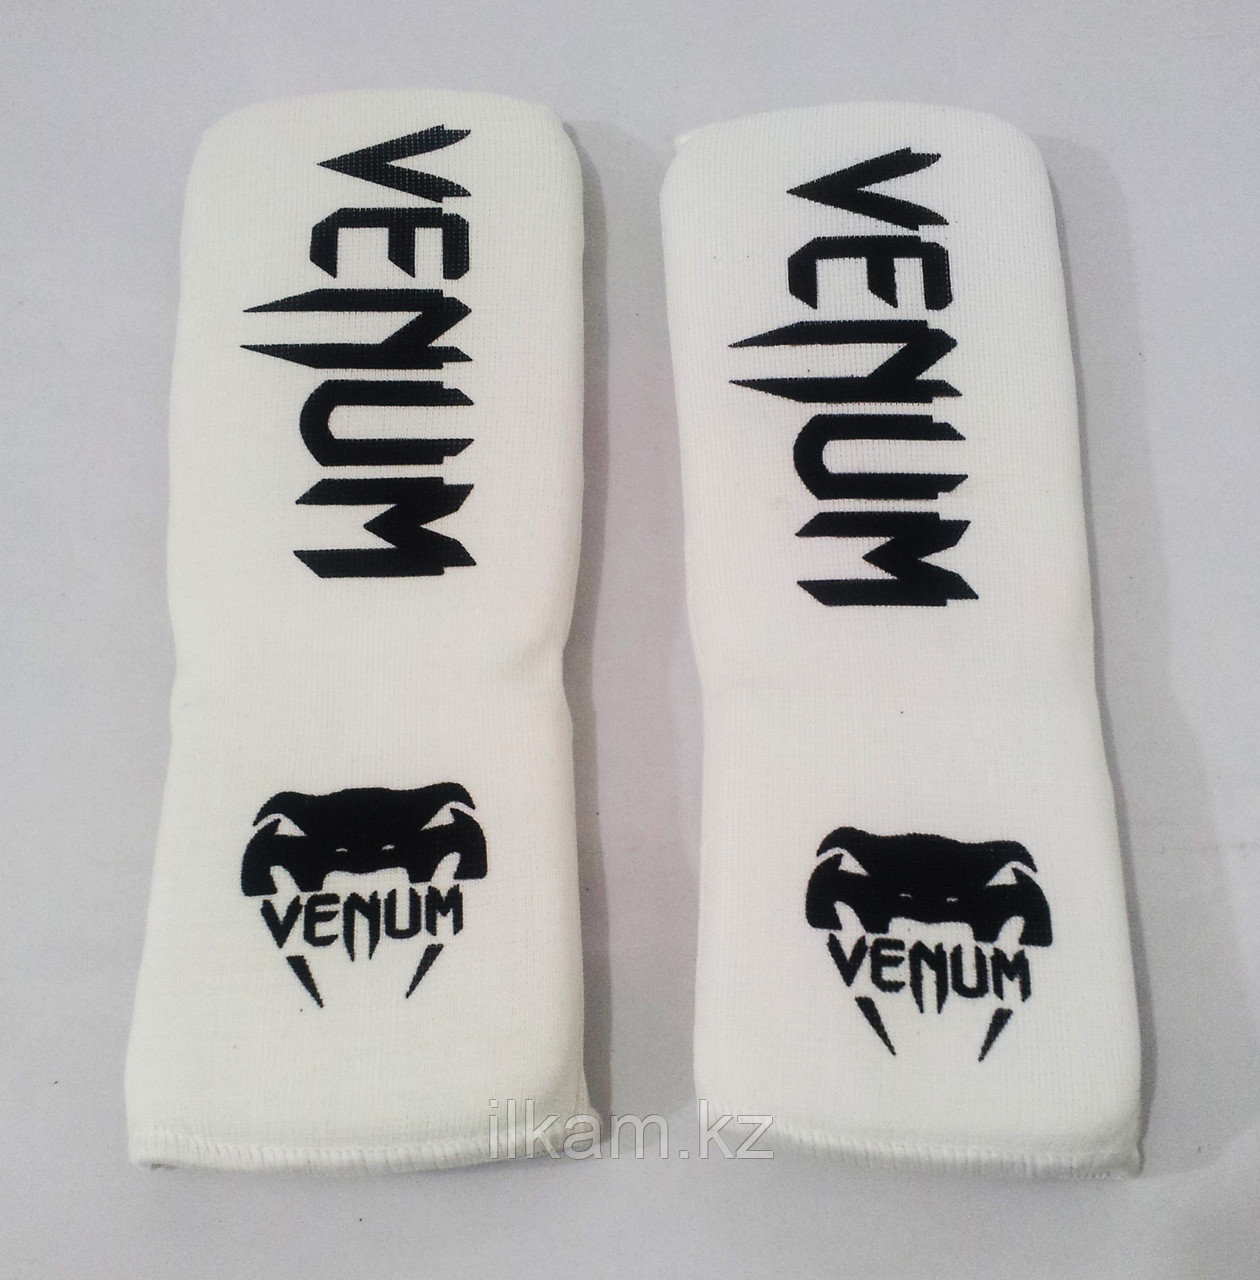 Щитки на ноги для каратэ Venum